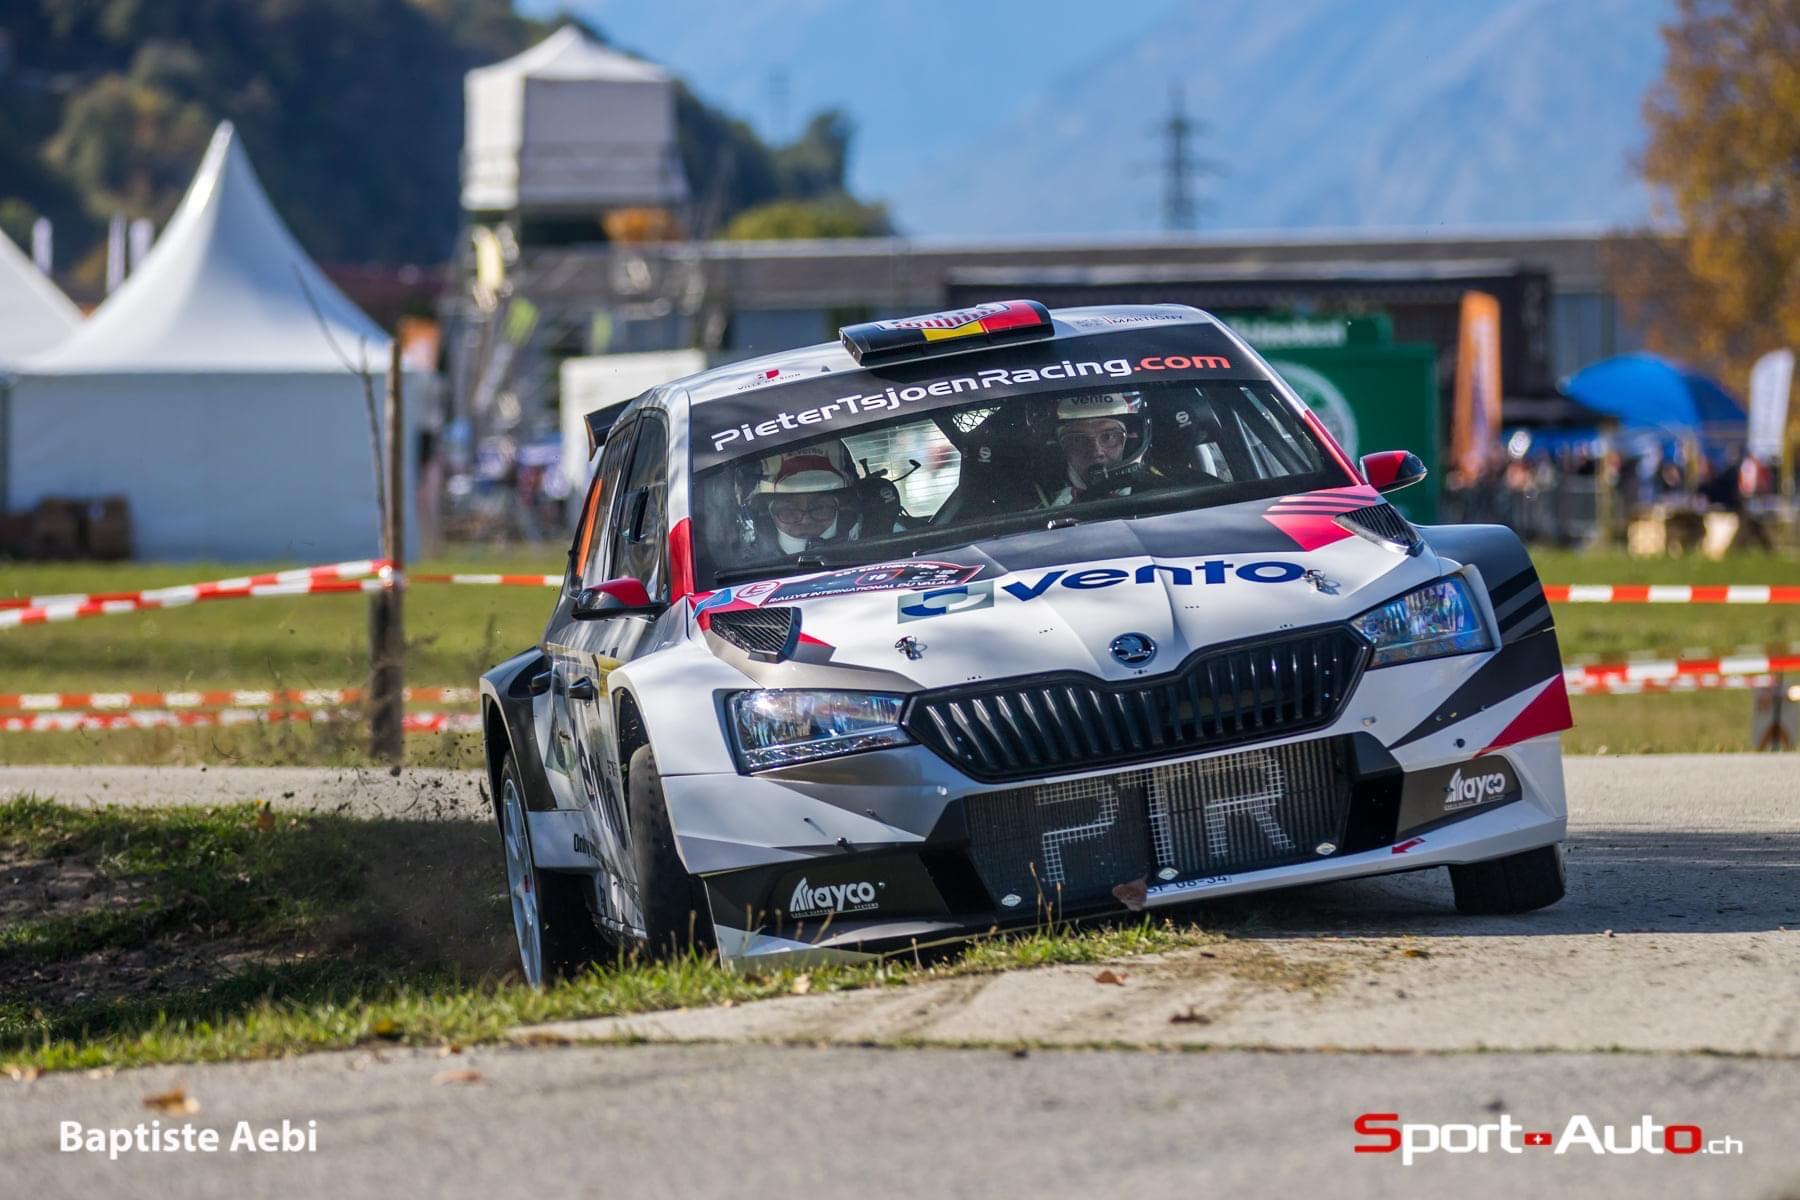 Une première pointure Européenne inscrite au Rallye International du Valais